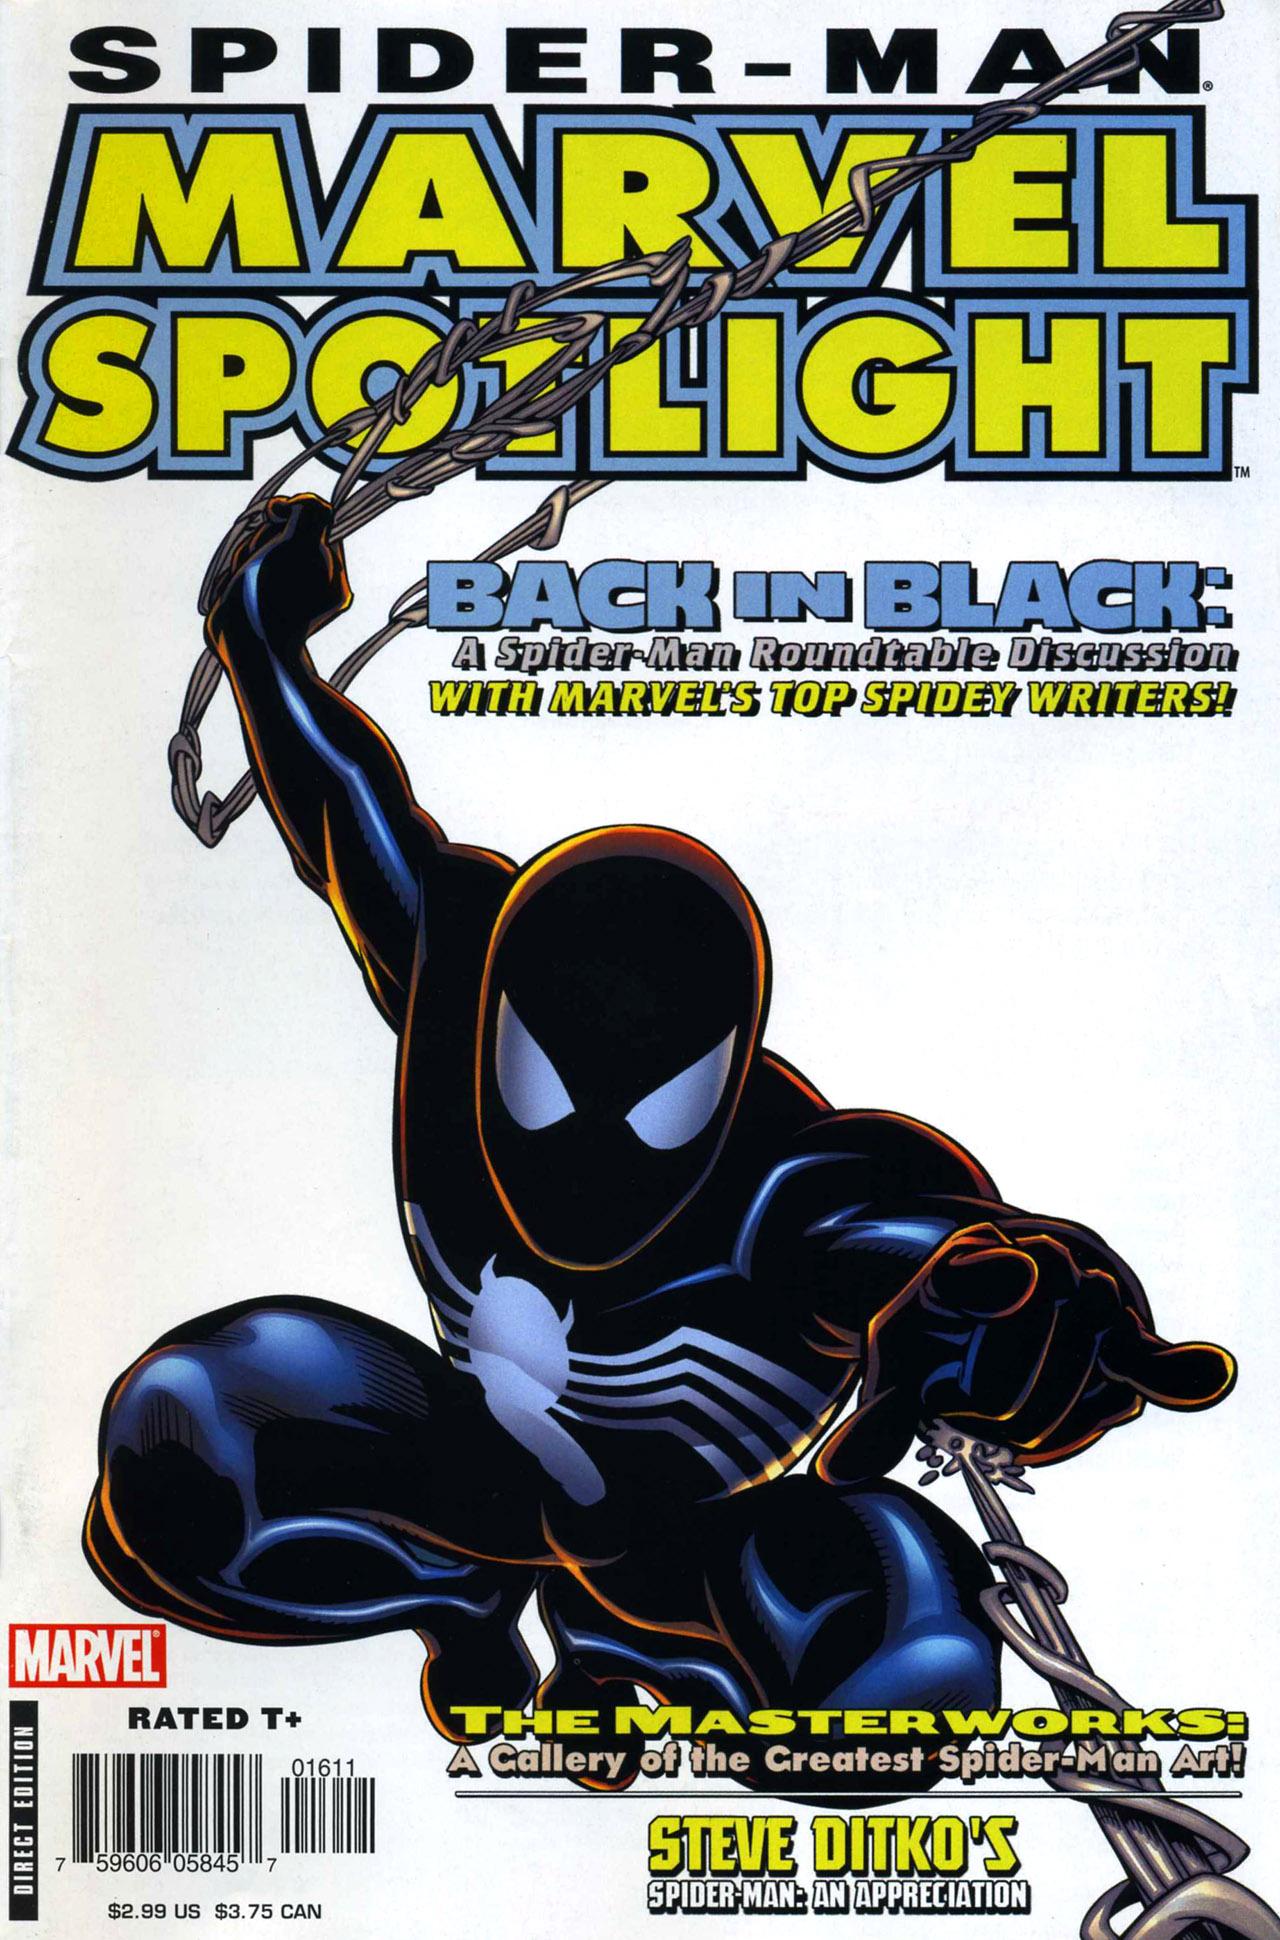 Marvel Spotlight: Spider-Man Vol 1